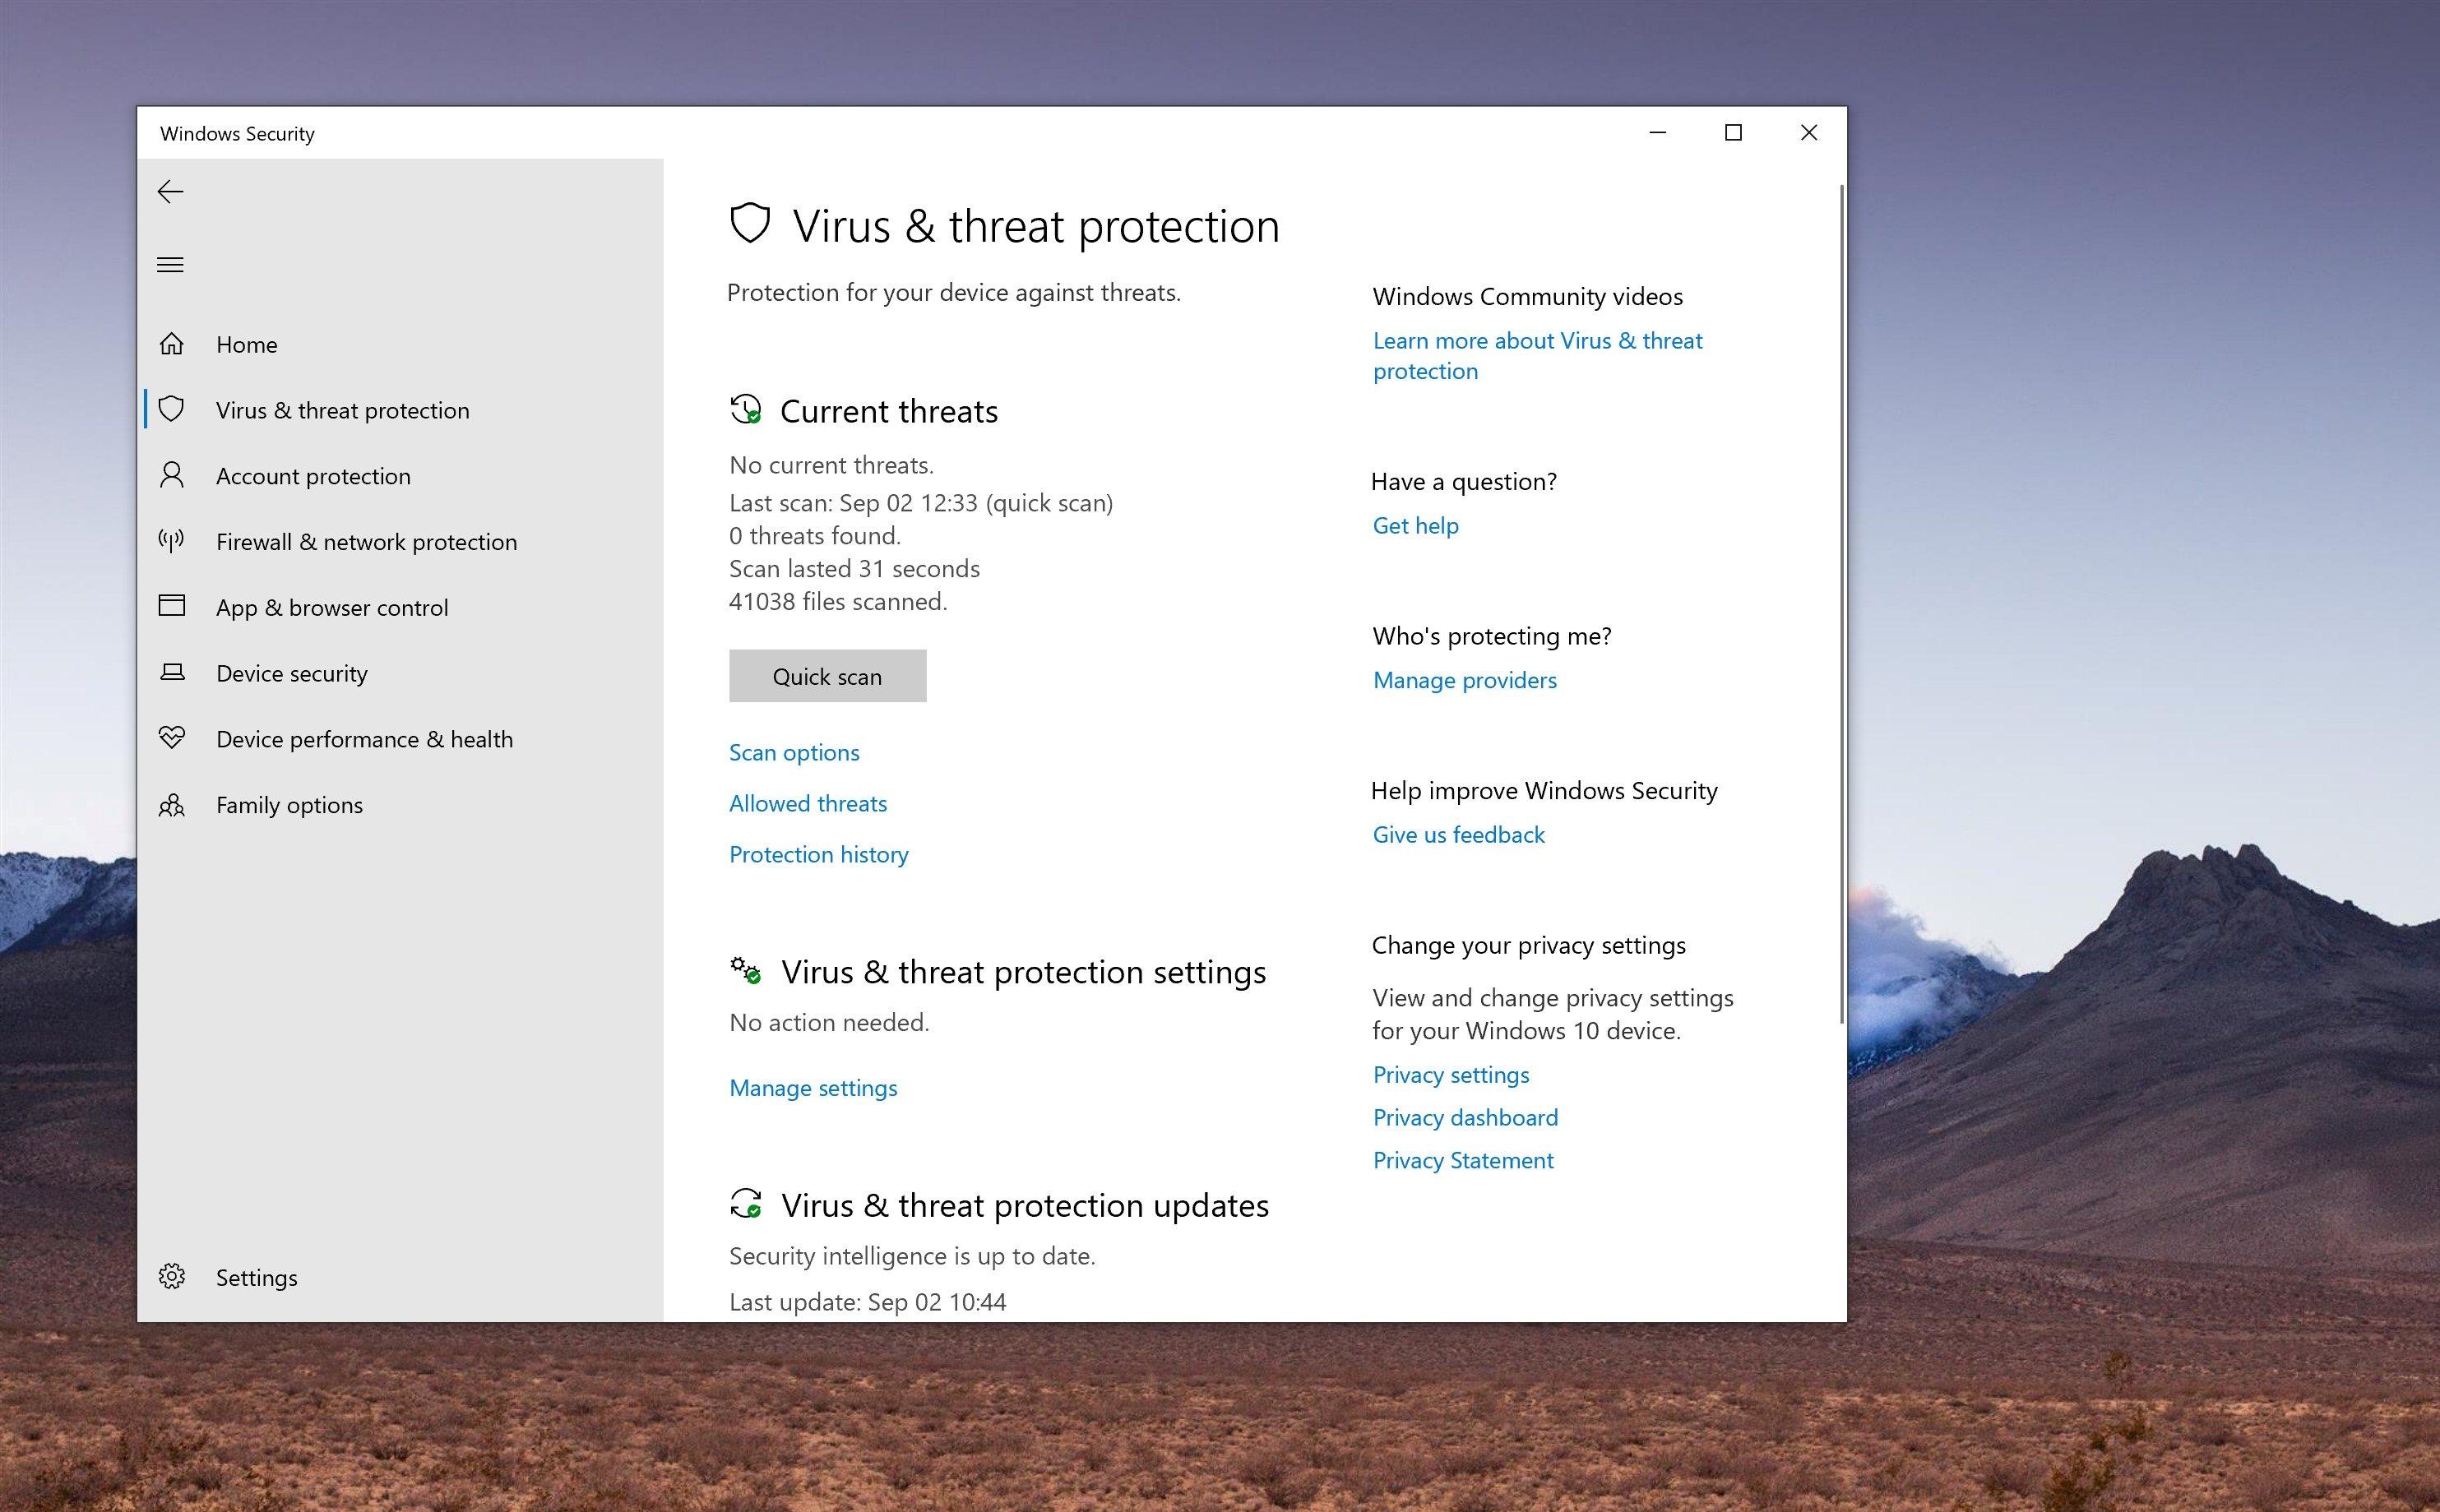 Microsoft giải thích tại sao lại loại bỏ tùy chọn vô hiệu hóa antivirus trên Windows 10